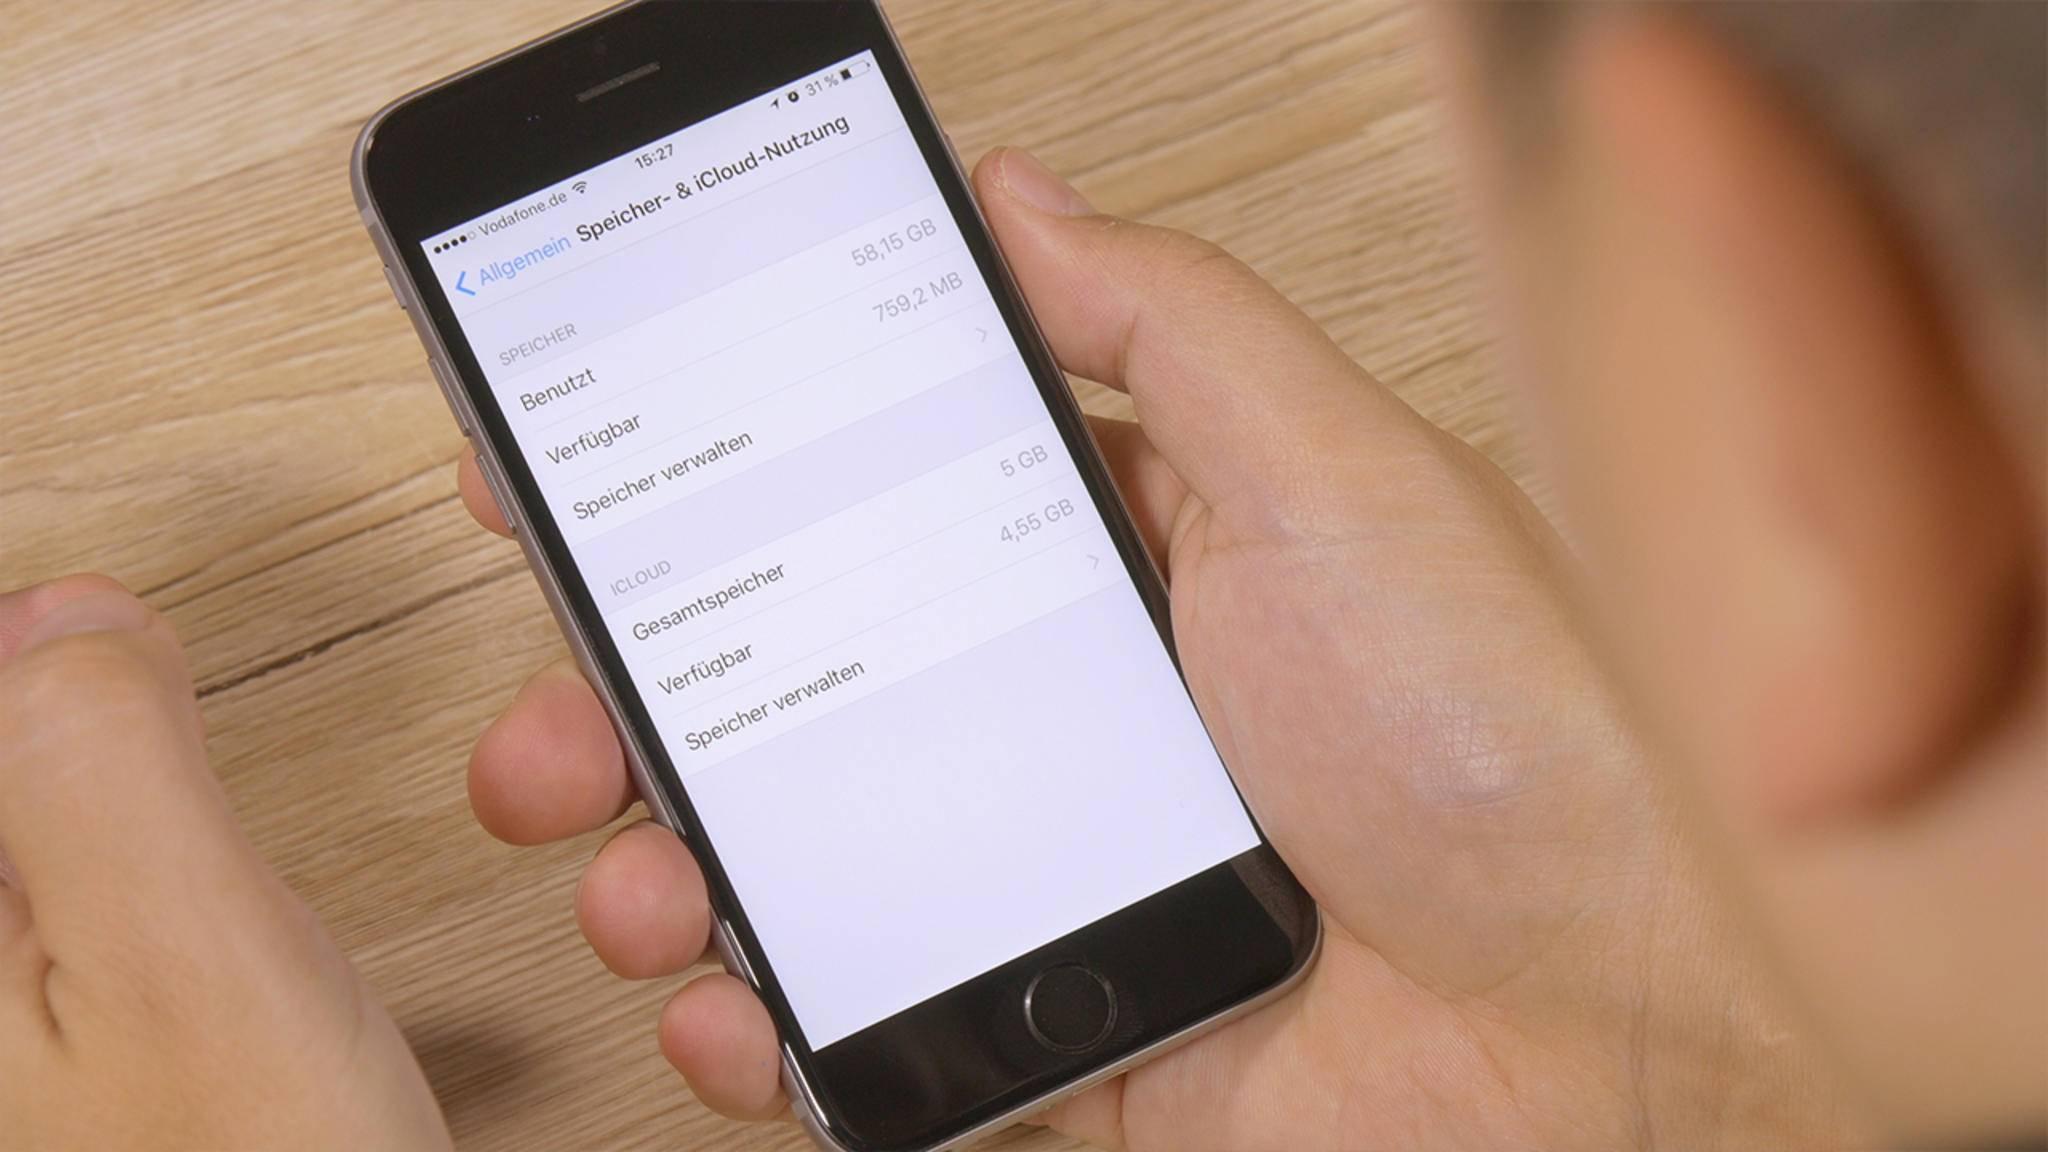 Nach dem Update auf iOS 10.3 wird belegter Speicher neu berechnet.